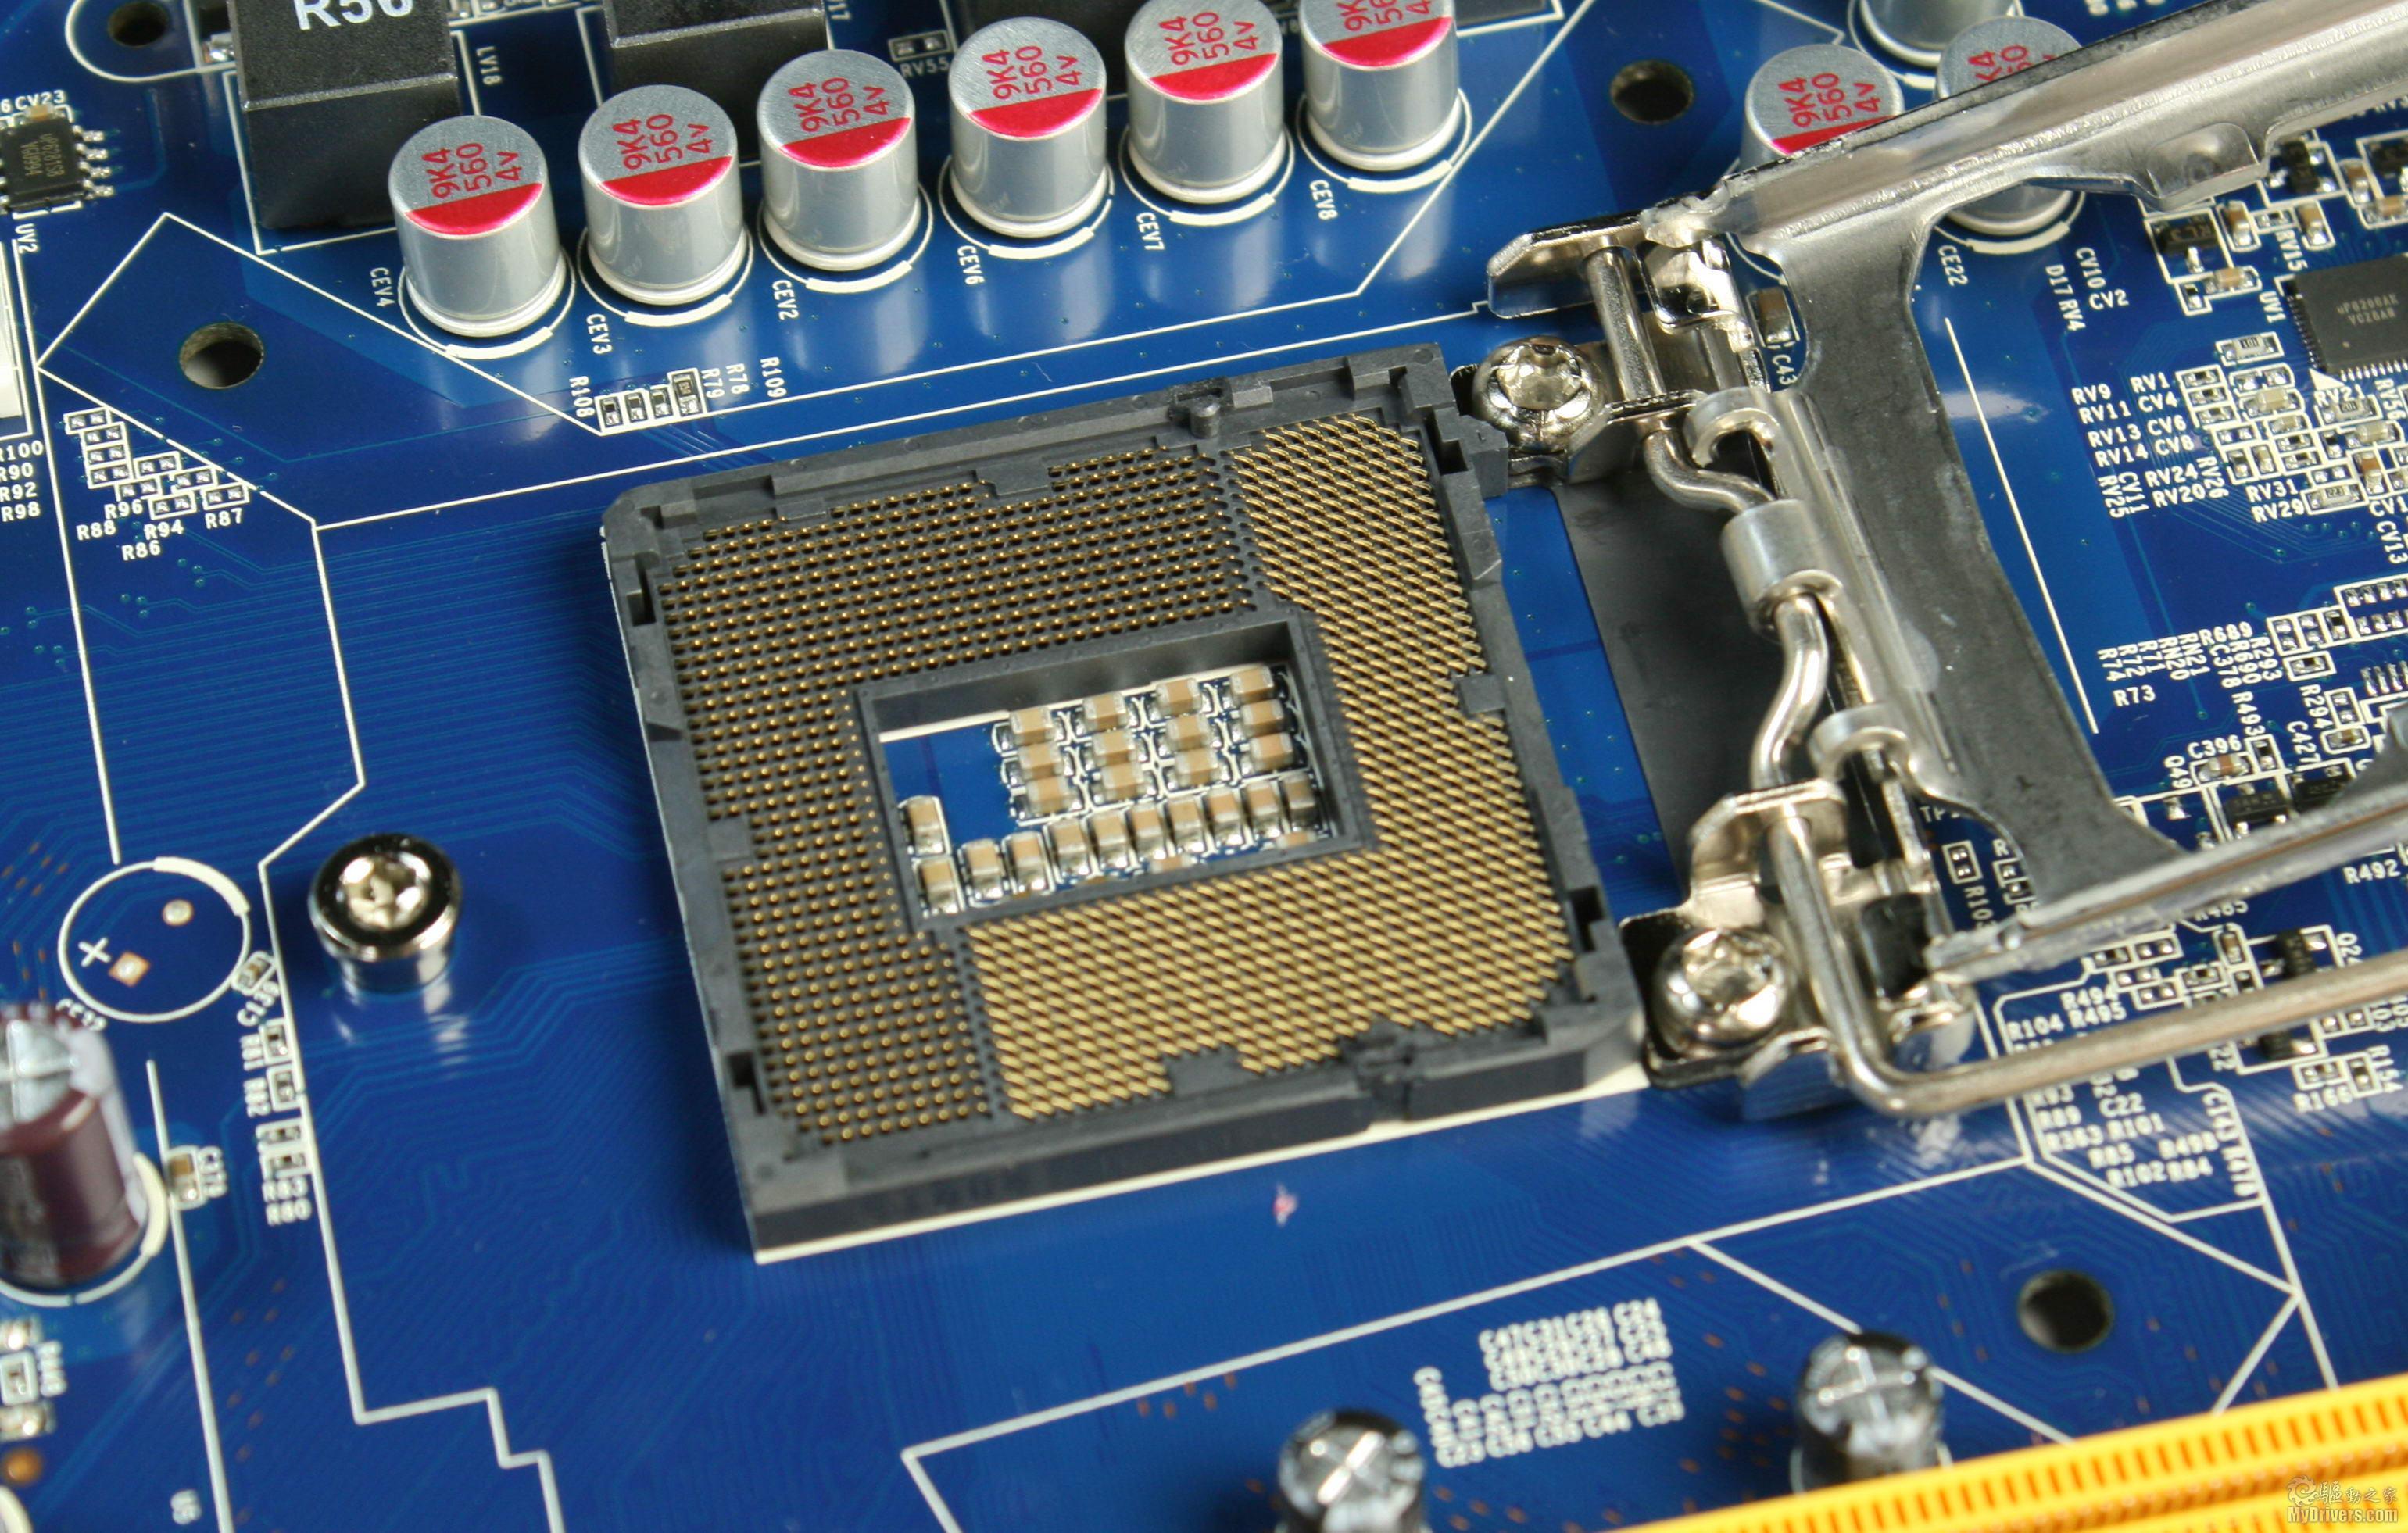 [2.盈通战神P55主板赏析之一]  大板型布局 盈通战神P55主板使用了高端主板常见的全尺寸大板设计,宽大的板型使得元件的布局空间很充沛,也为散热提供了充足的余地。  LGA1156底座 盈通P55主板支持45nm工艺的酷睿i5-700、i7-800系列处理器,同时也支持最新的32nm的i5/i3处理器,只是此时不能使用CPU内置的集显进行输出。  四条内存槽 主板提供了四条DDR3内存插槽,并以橙色、黄色区分以帮助用户正确组建双通道内存。每条插槽最大支持4GB,总容量最大支持16GB,同时内存部分也使